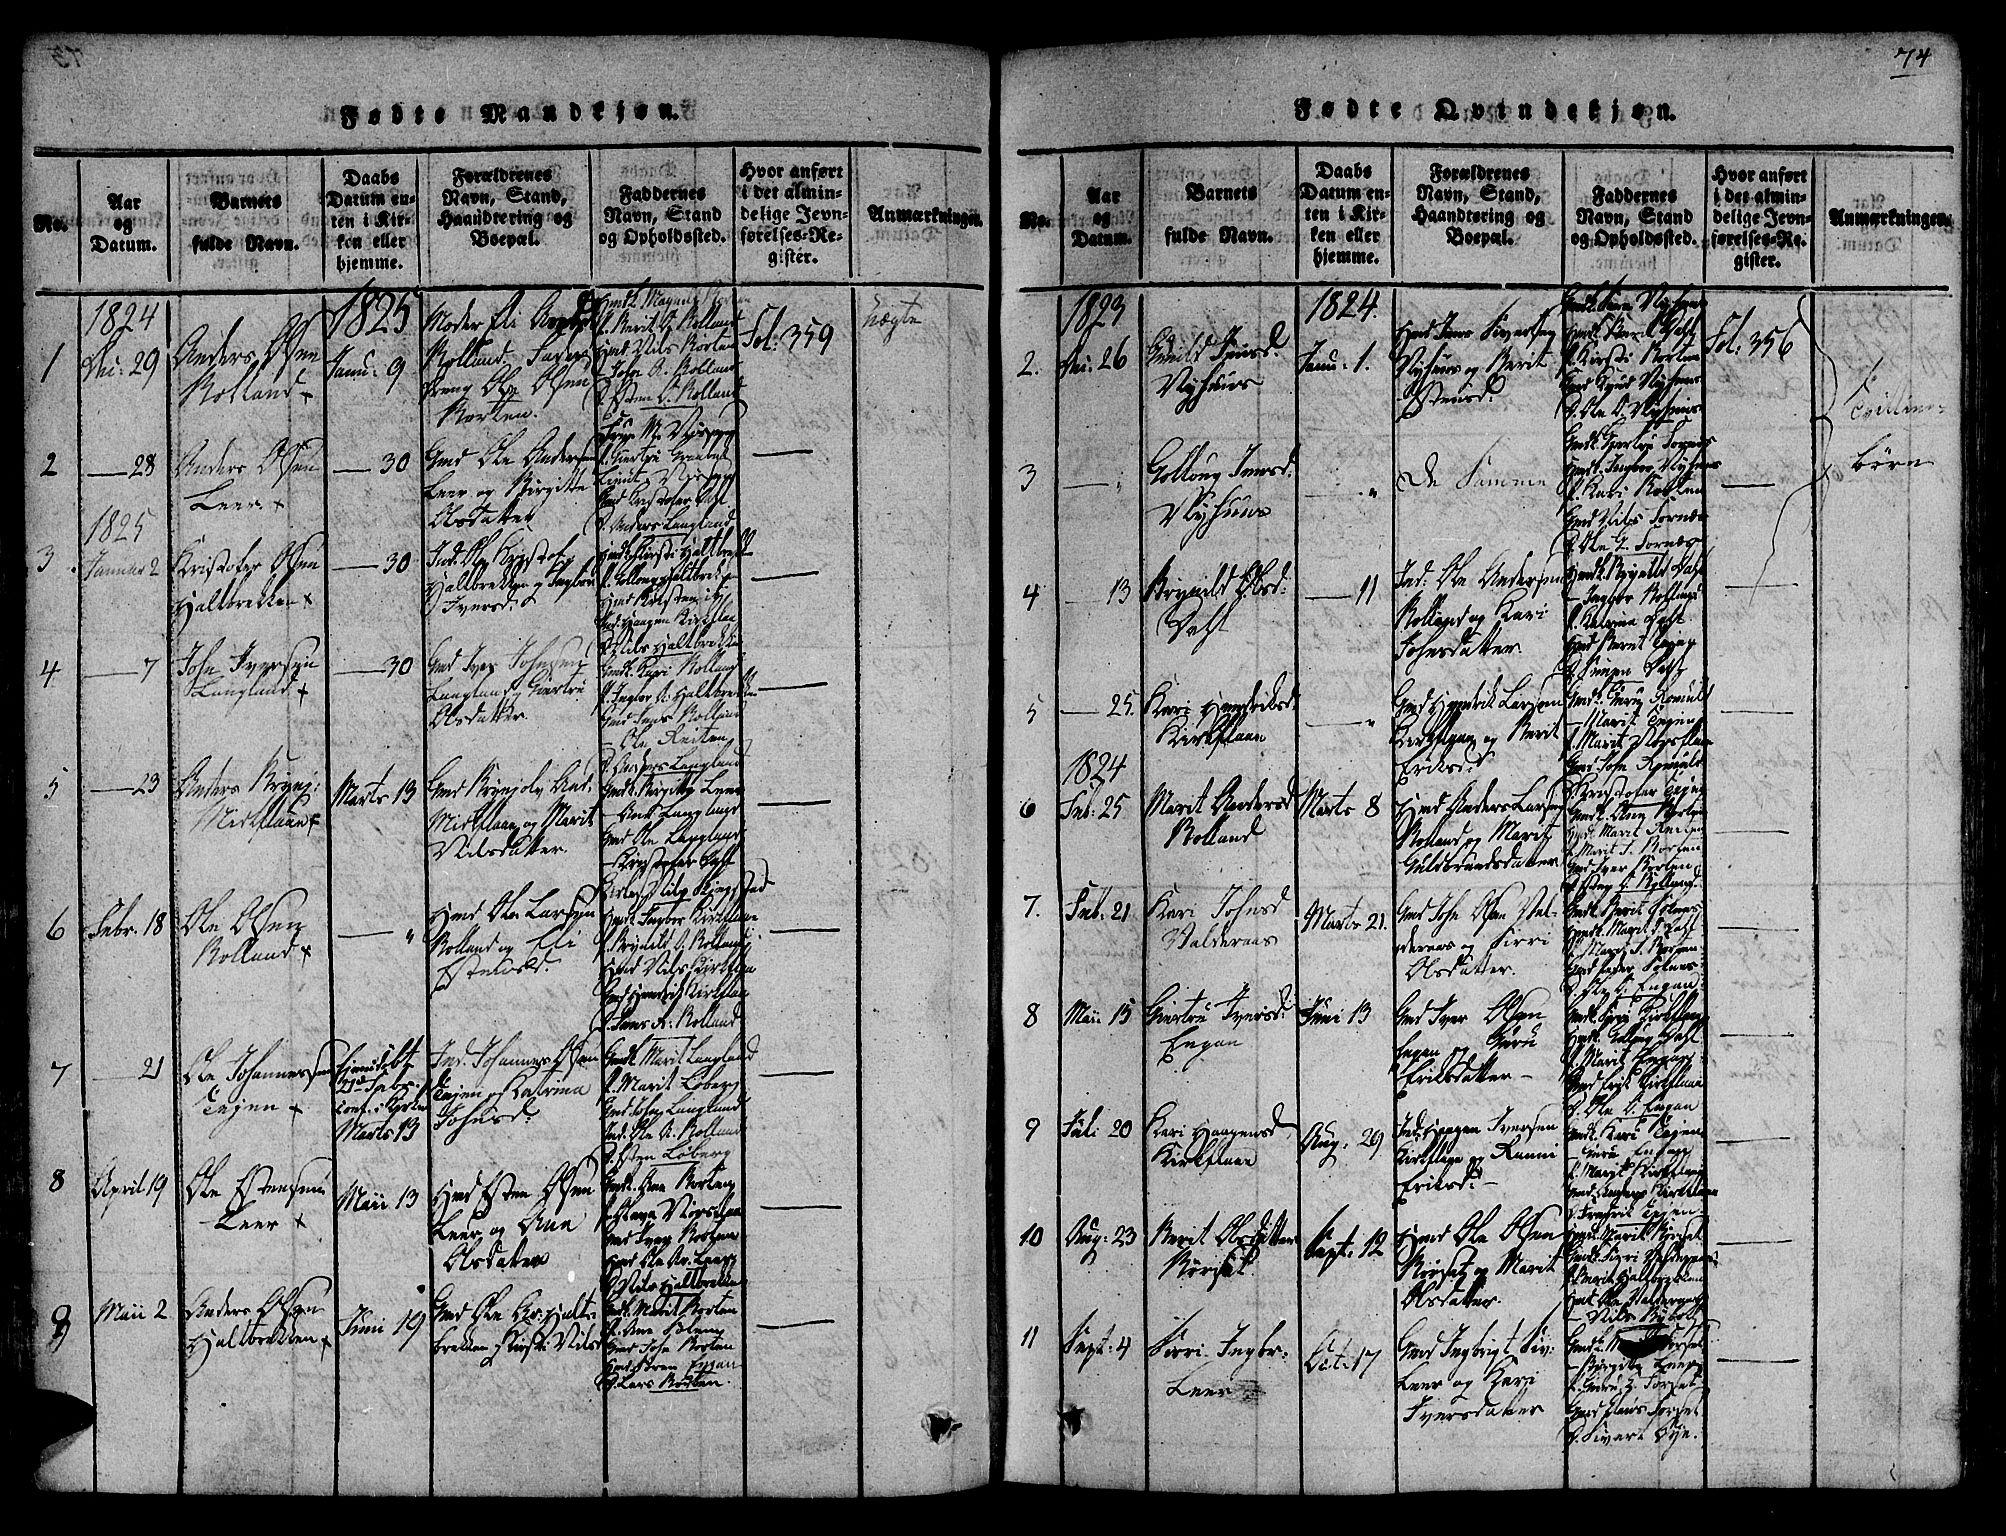 SAT, Ministerialprotokoller, klokkerbøker og fødselsregistre - Sør-Trøndelag, 691/L1066: Ministerialbok nr. 691A03 /2, 1816-1826, s. 74